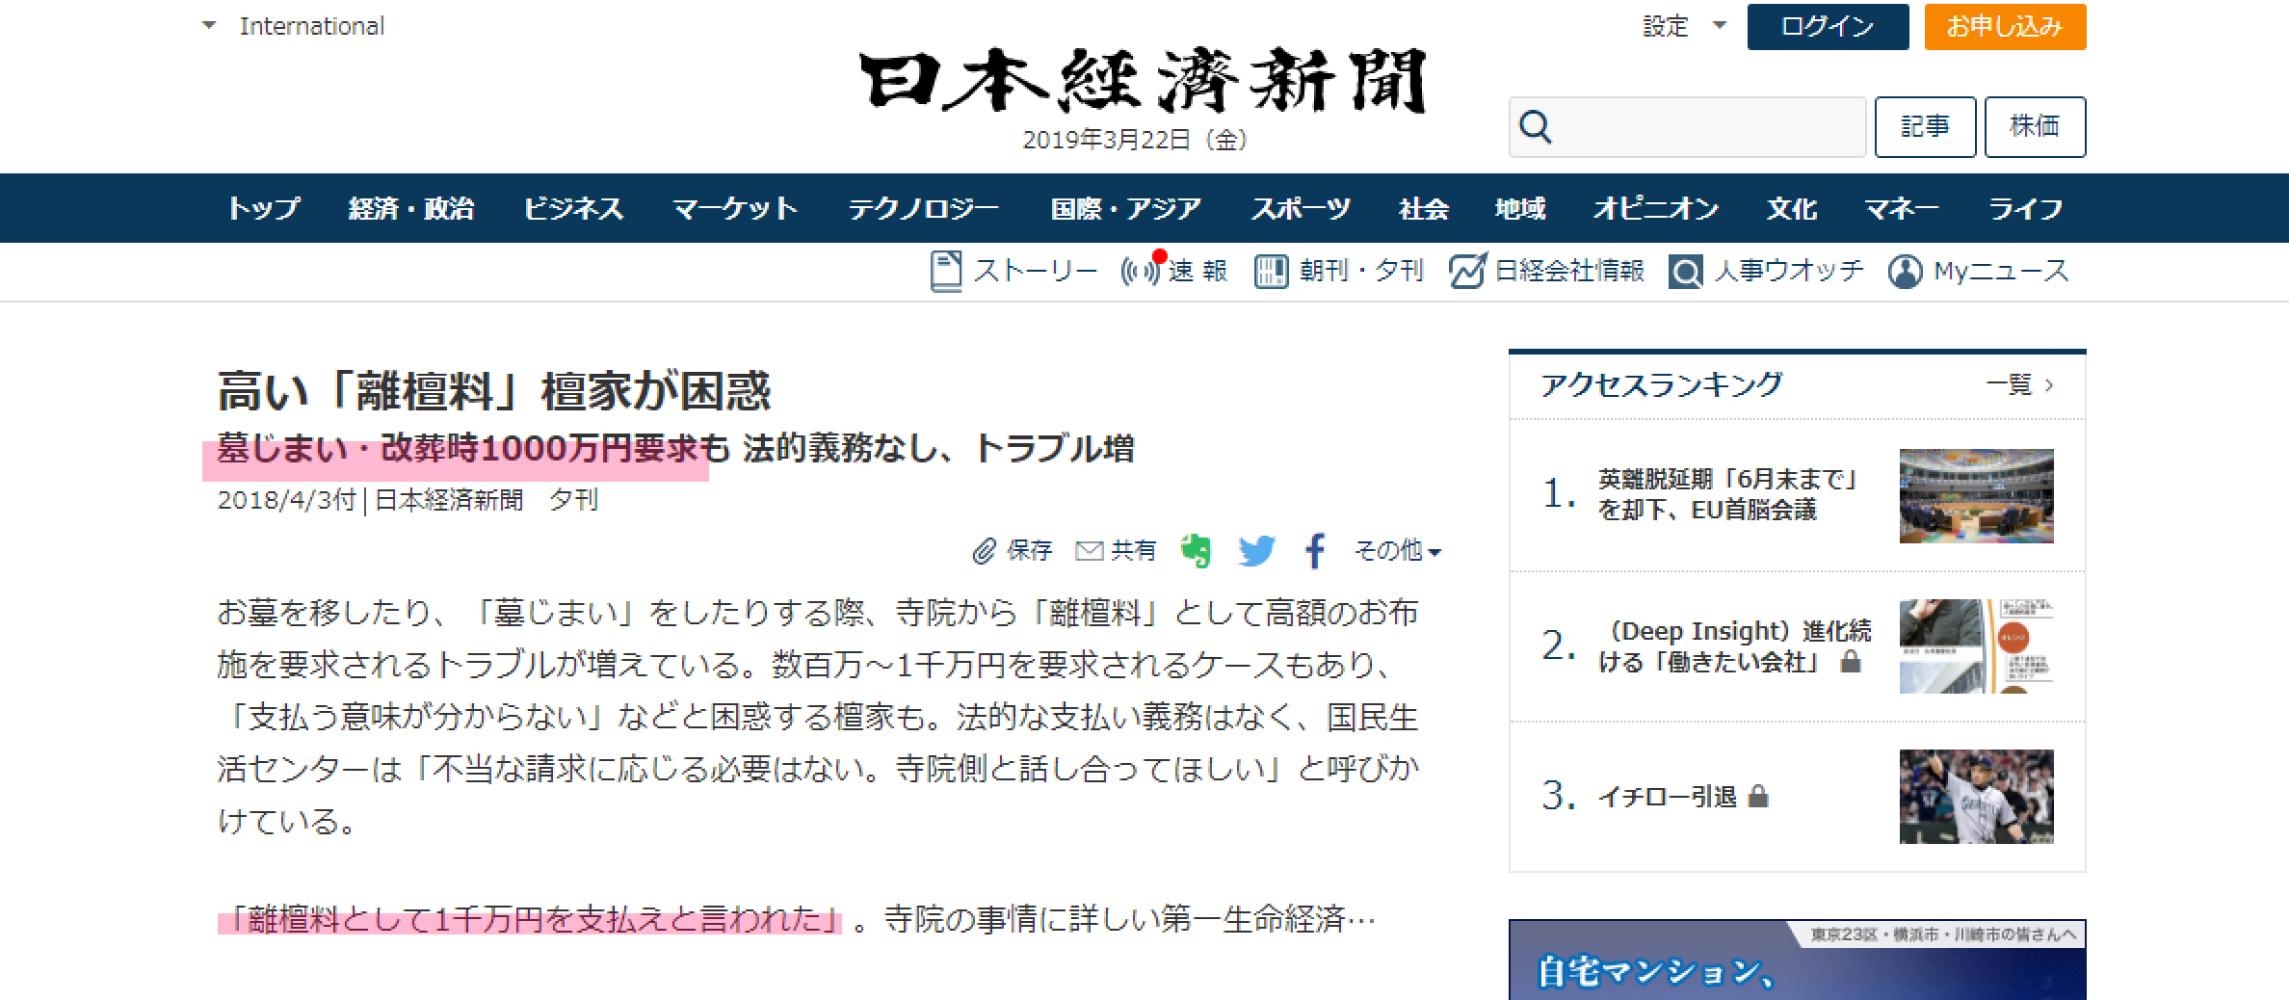 日本経済新聞2019年3月22日